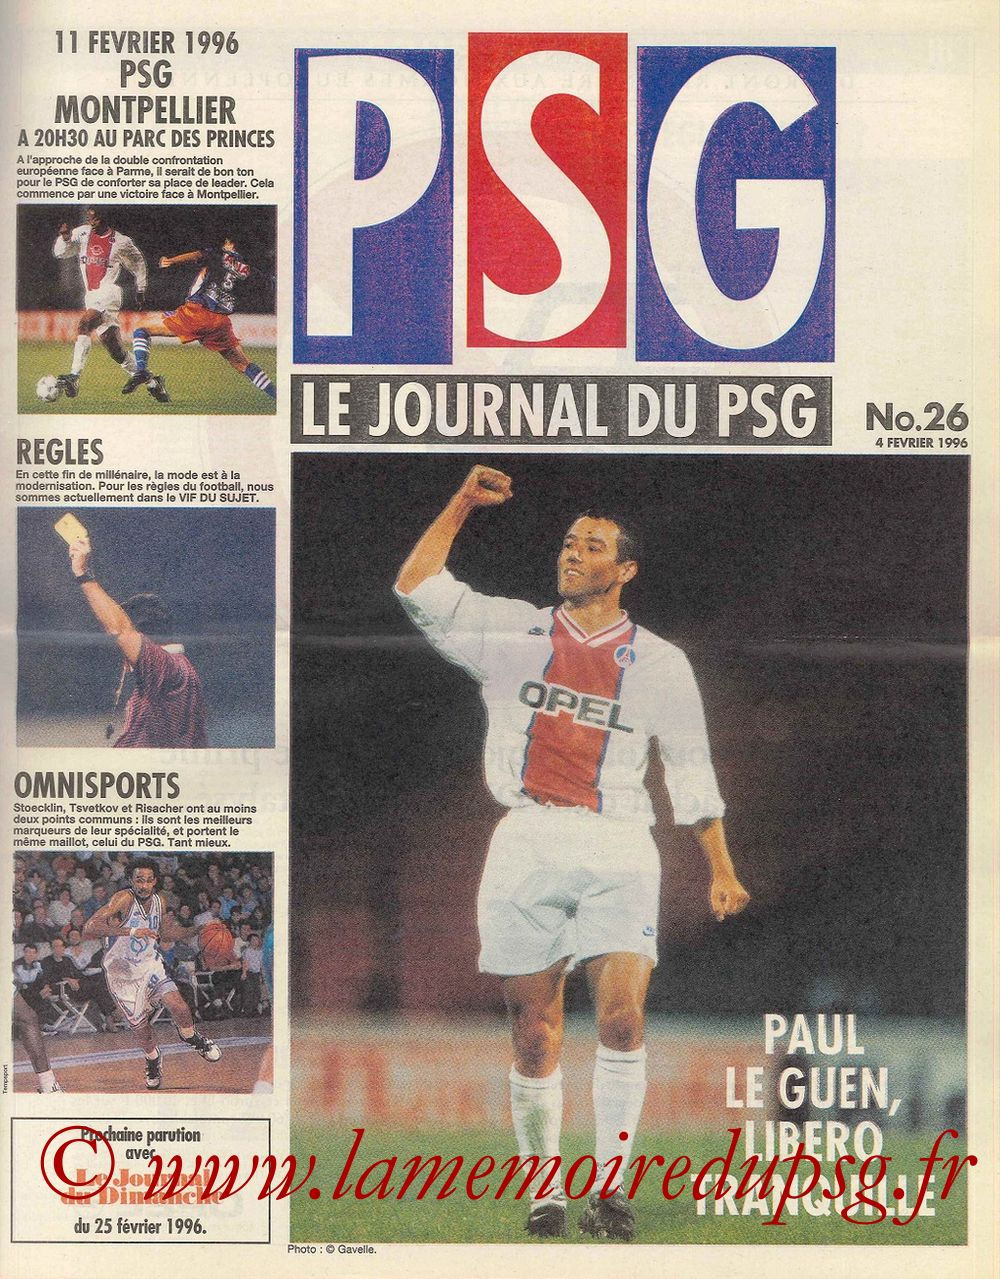 1996-02-11  PSG-Montpellier (27ème D1, Le Journal du PSG N°26)